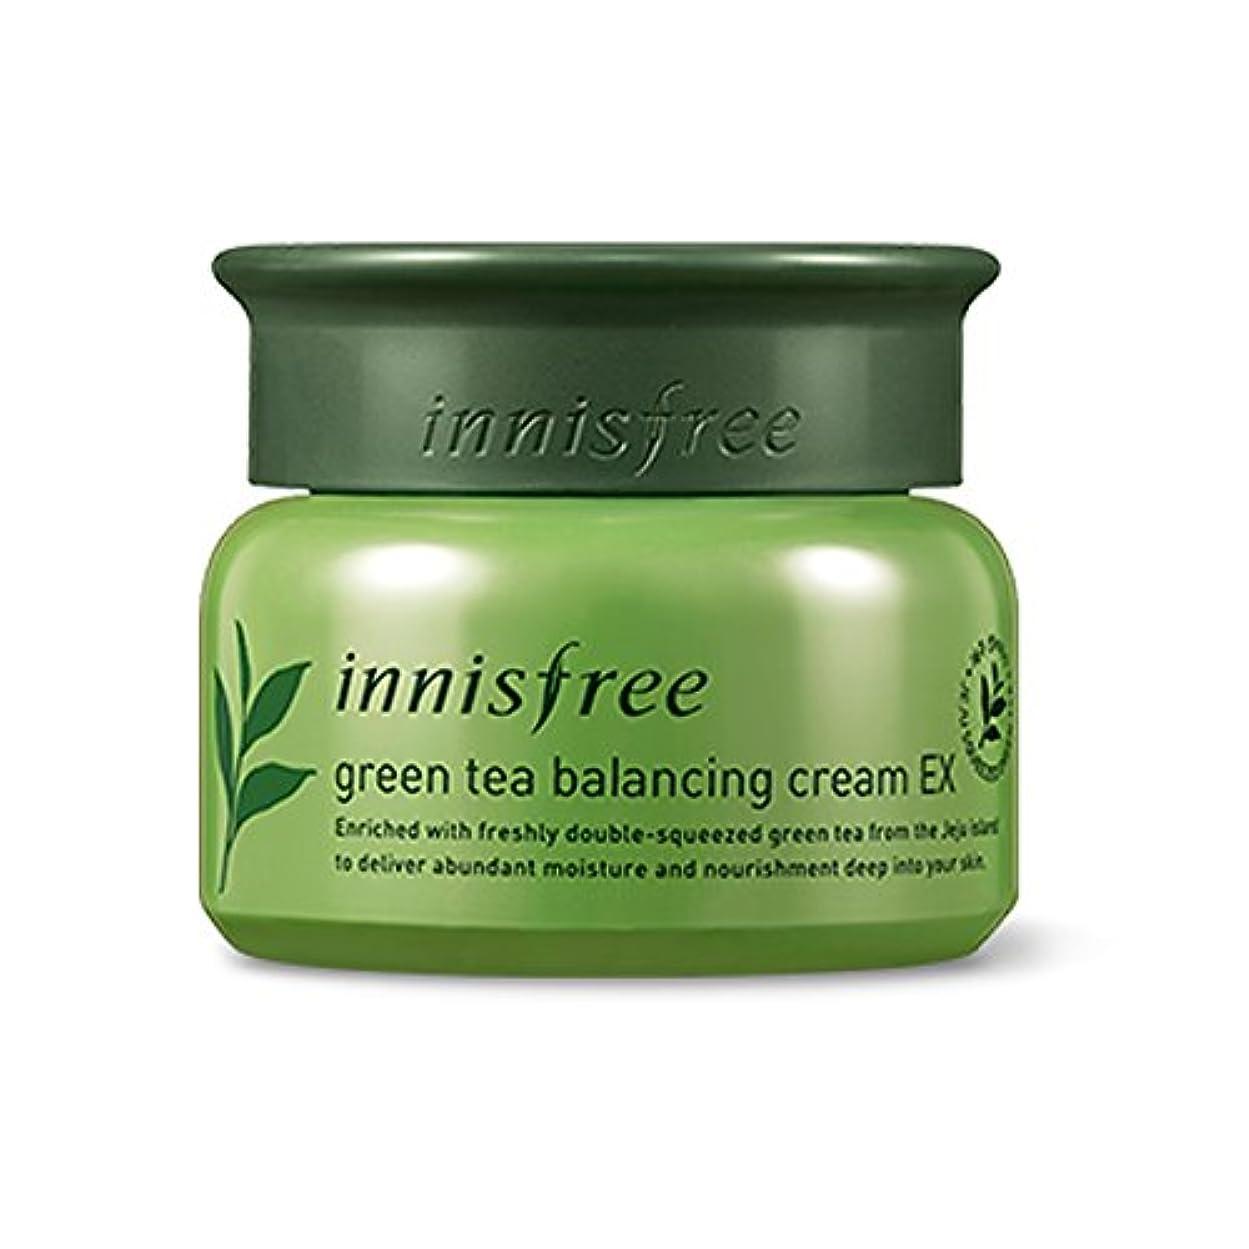 テスト哲学者食物イニスフリーグリーンティーバランスクリーム50ml「2018新製品」 Innisfree Green Tea Balancing Cream 50ml